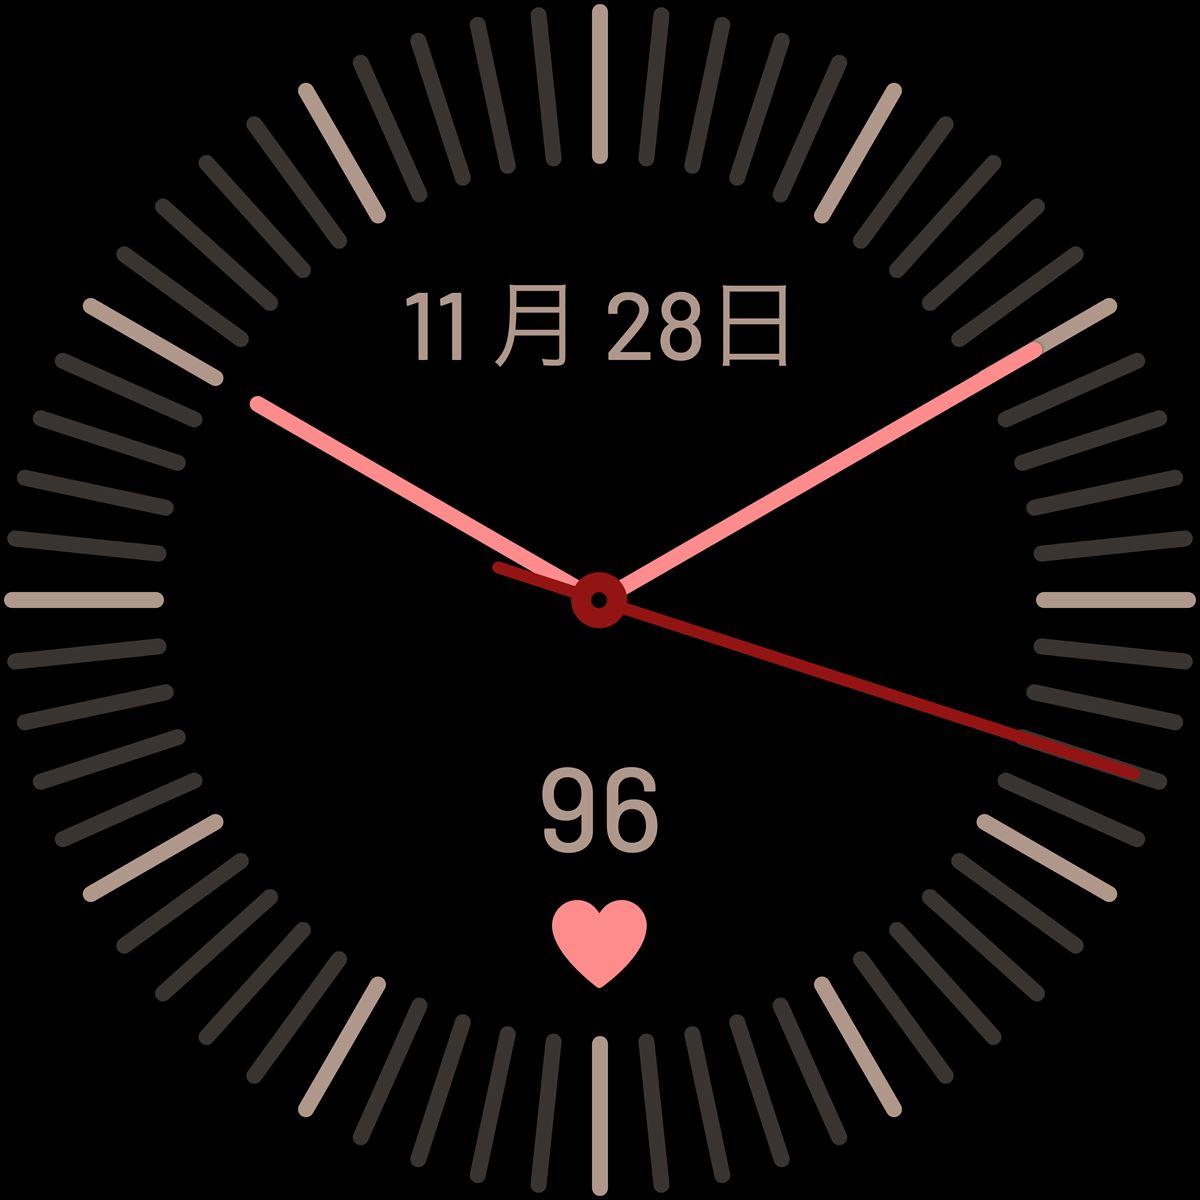 fitbit フィットビット versa 3 ヴァーサ3 フィットネス スマートウォッチ ウェアラブル端末 腕時計 ミッドナイト/ソフトゴールド アルミニウム FB511GLNV-FRCJK